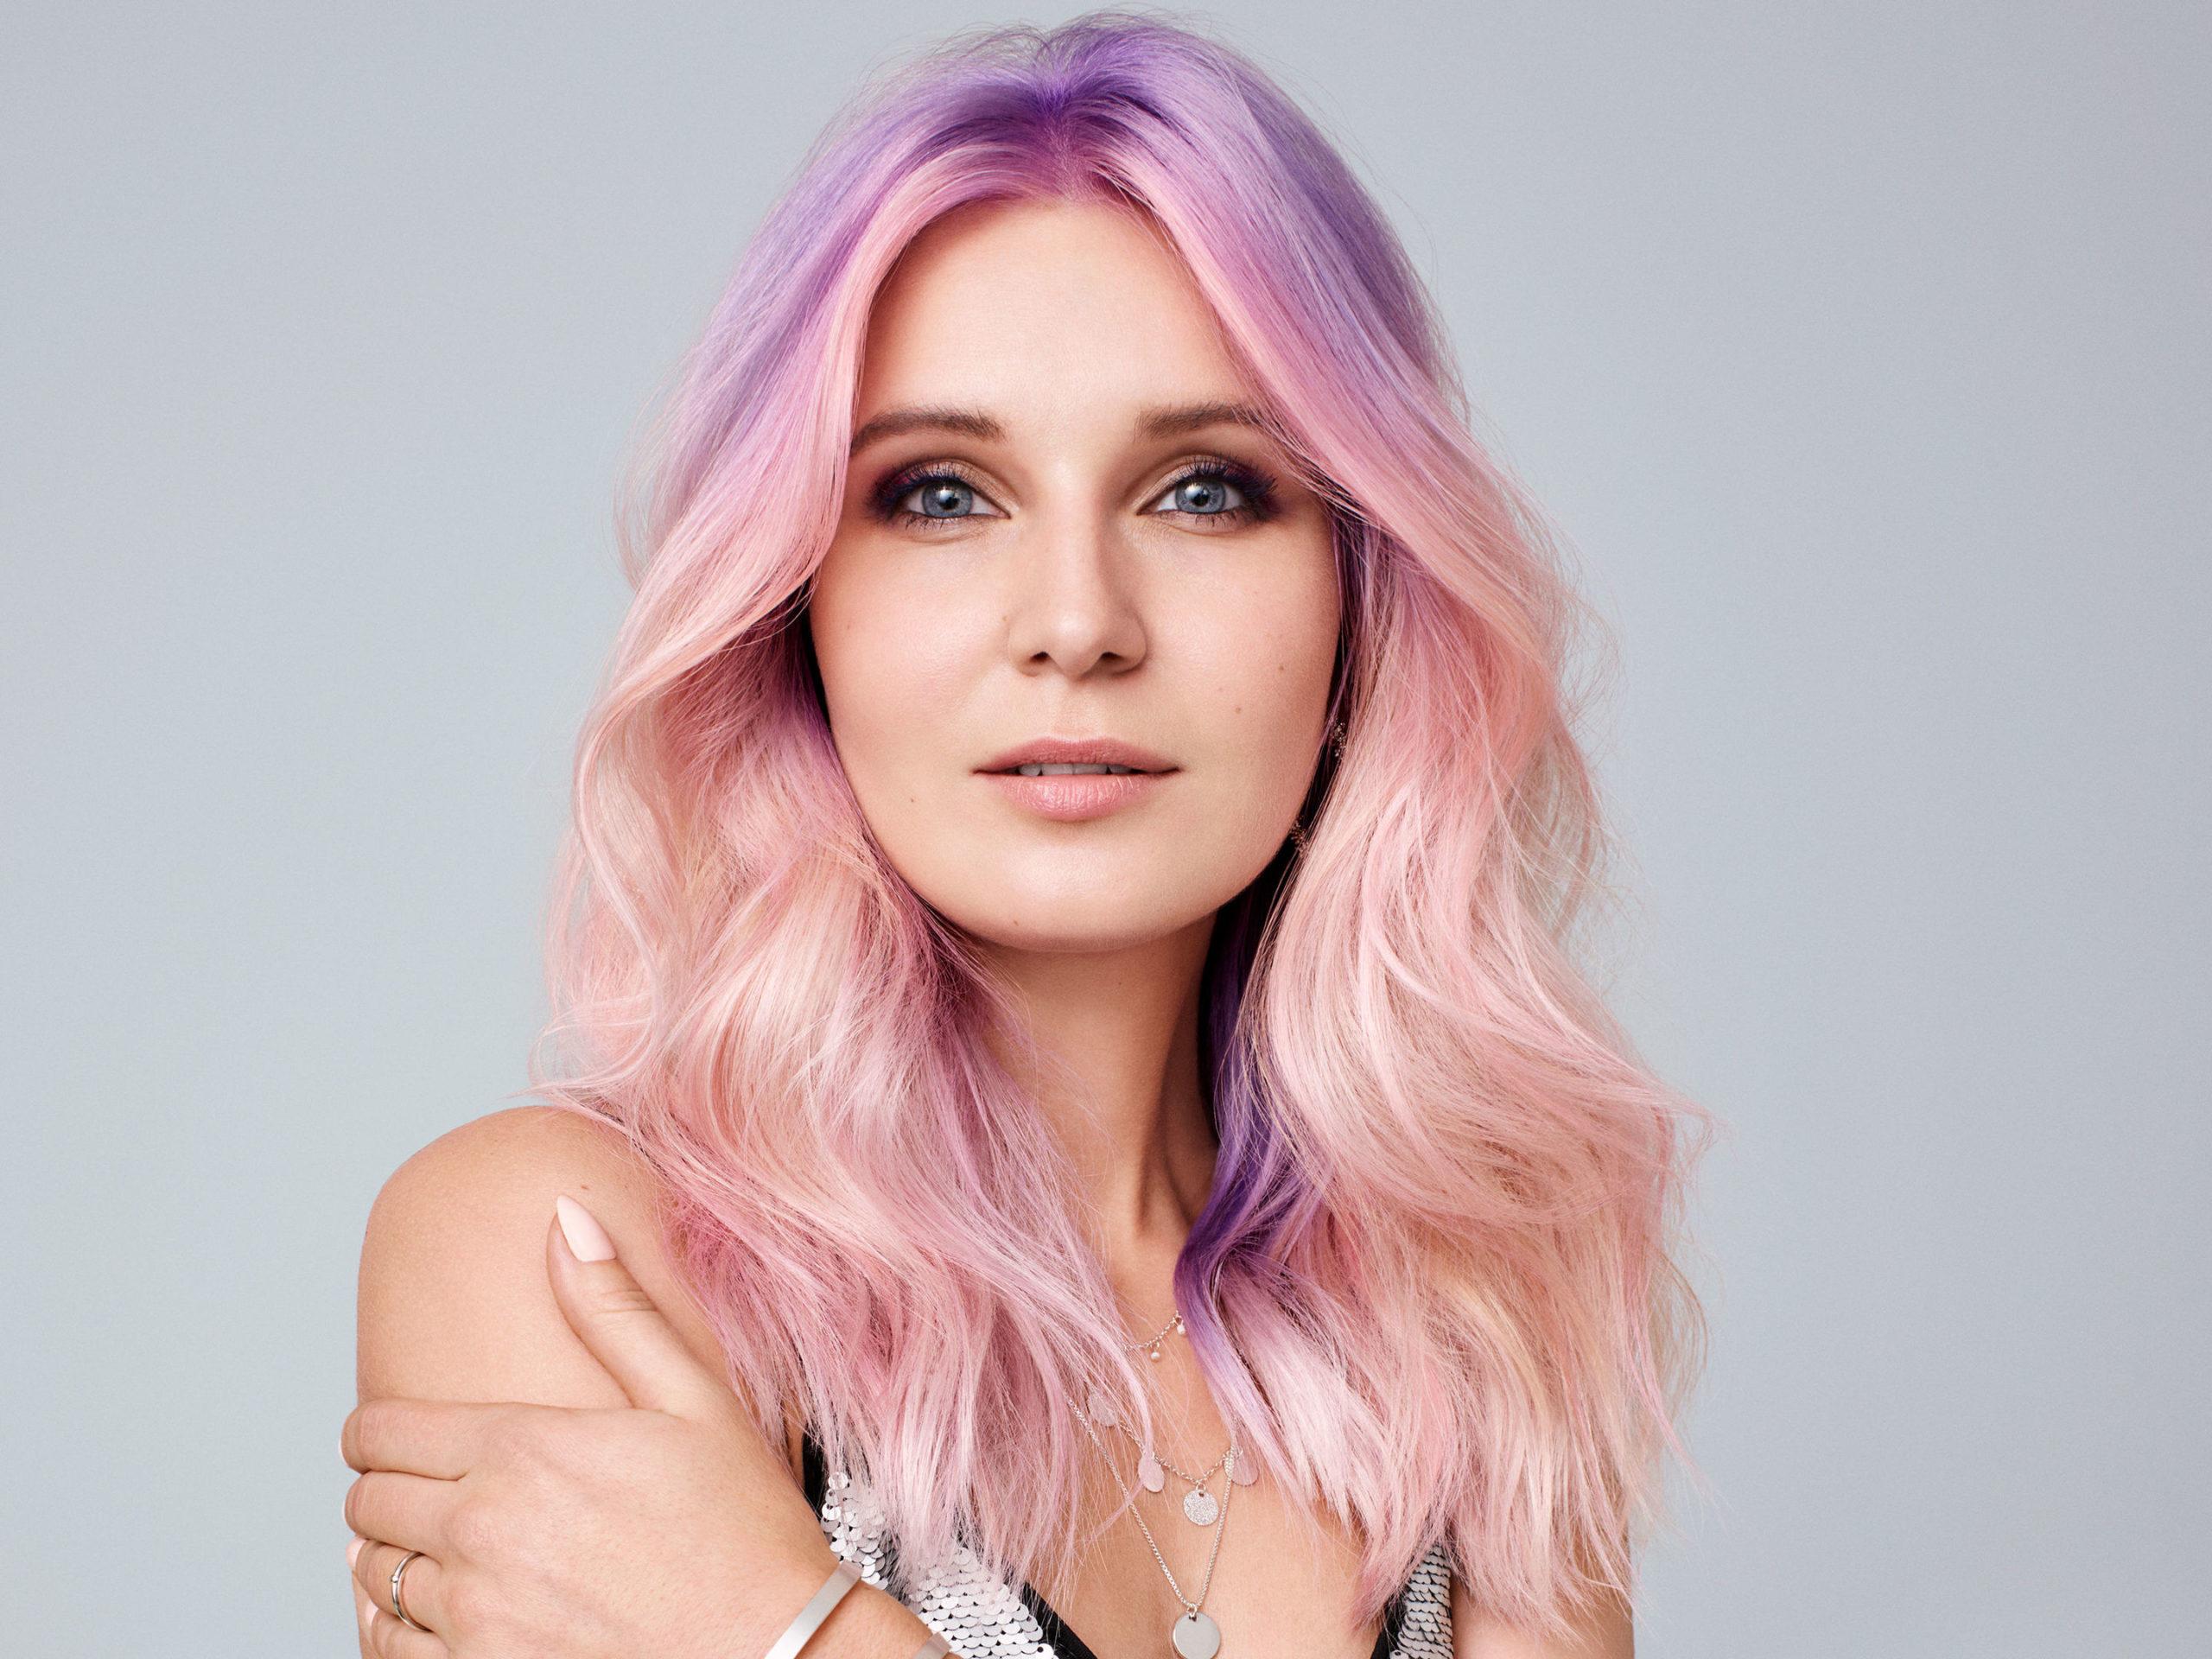 Tendenze capelli 2020: i colori e i tagli più alla moda ...